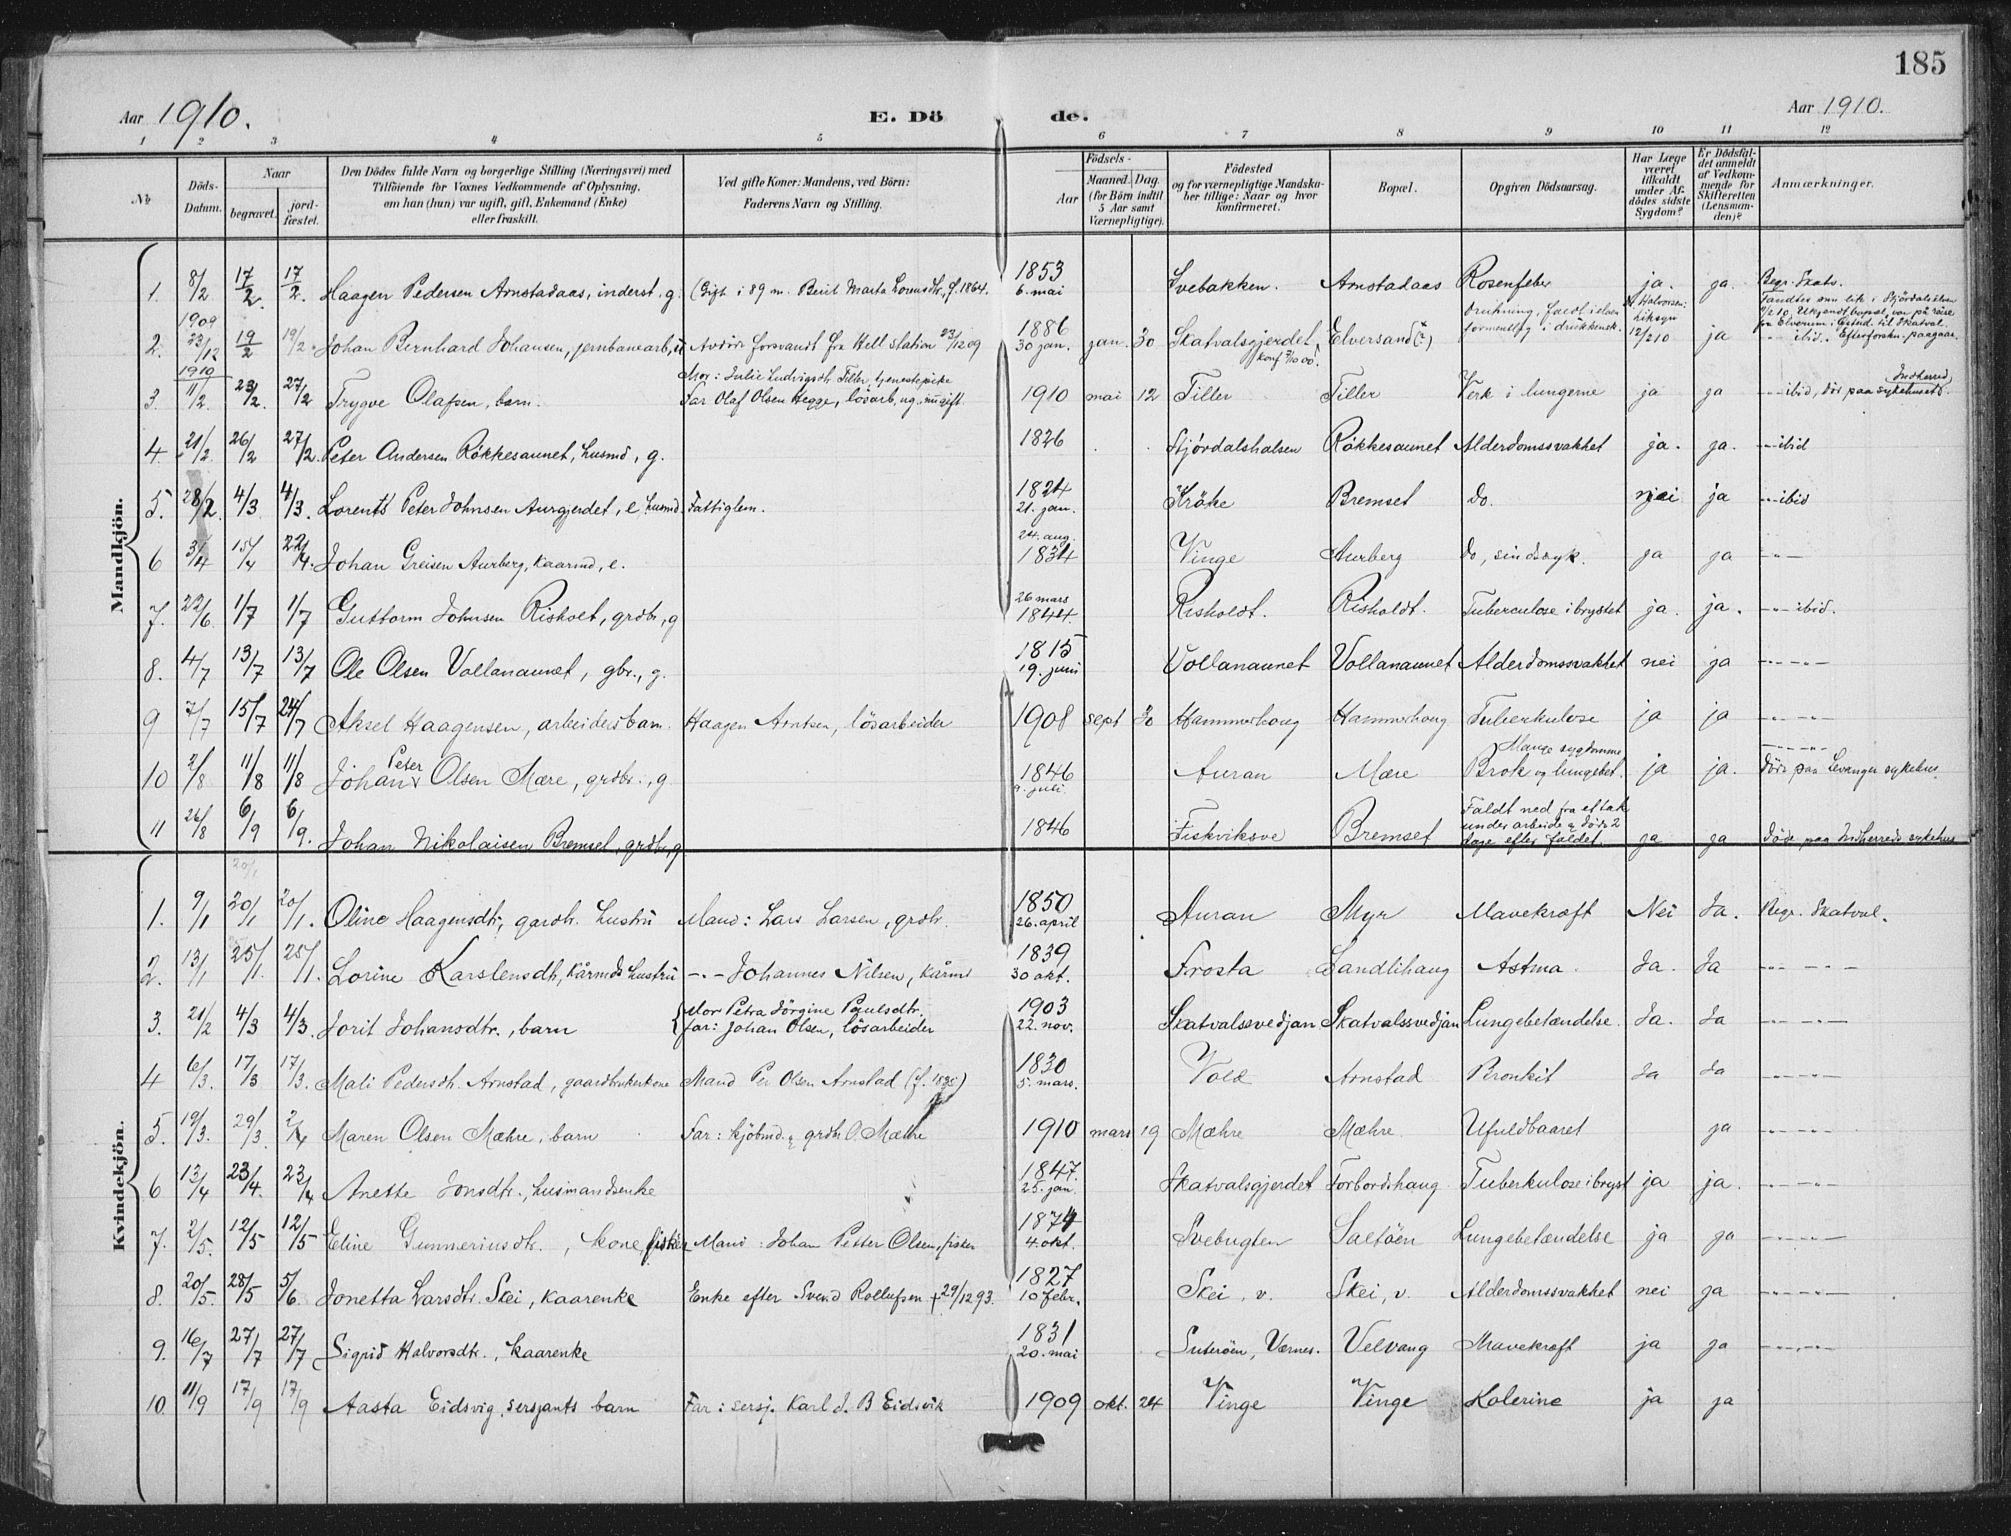 SAT, Ministerialprotokoller, klokkerbøker og fødselsregistre - Nord-Trøndelag, 712/L0101: Ministerialbok nr. 712A02, 1901-1916, s. 185